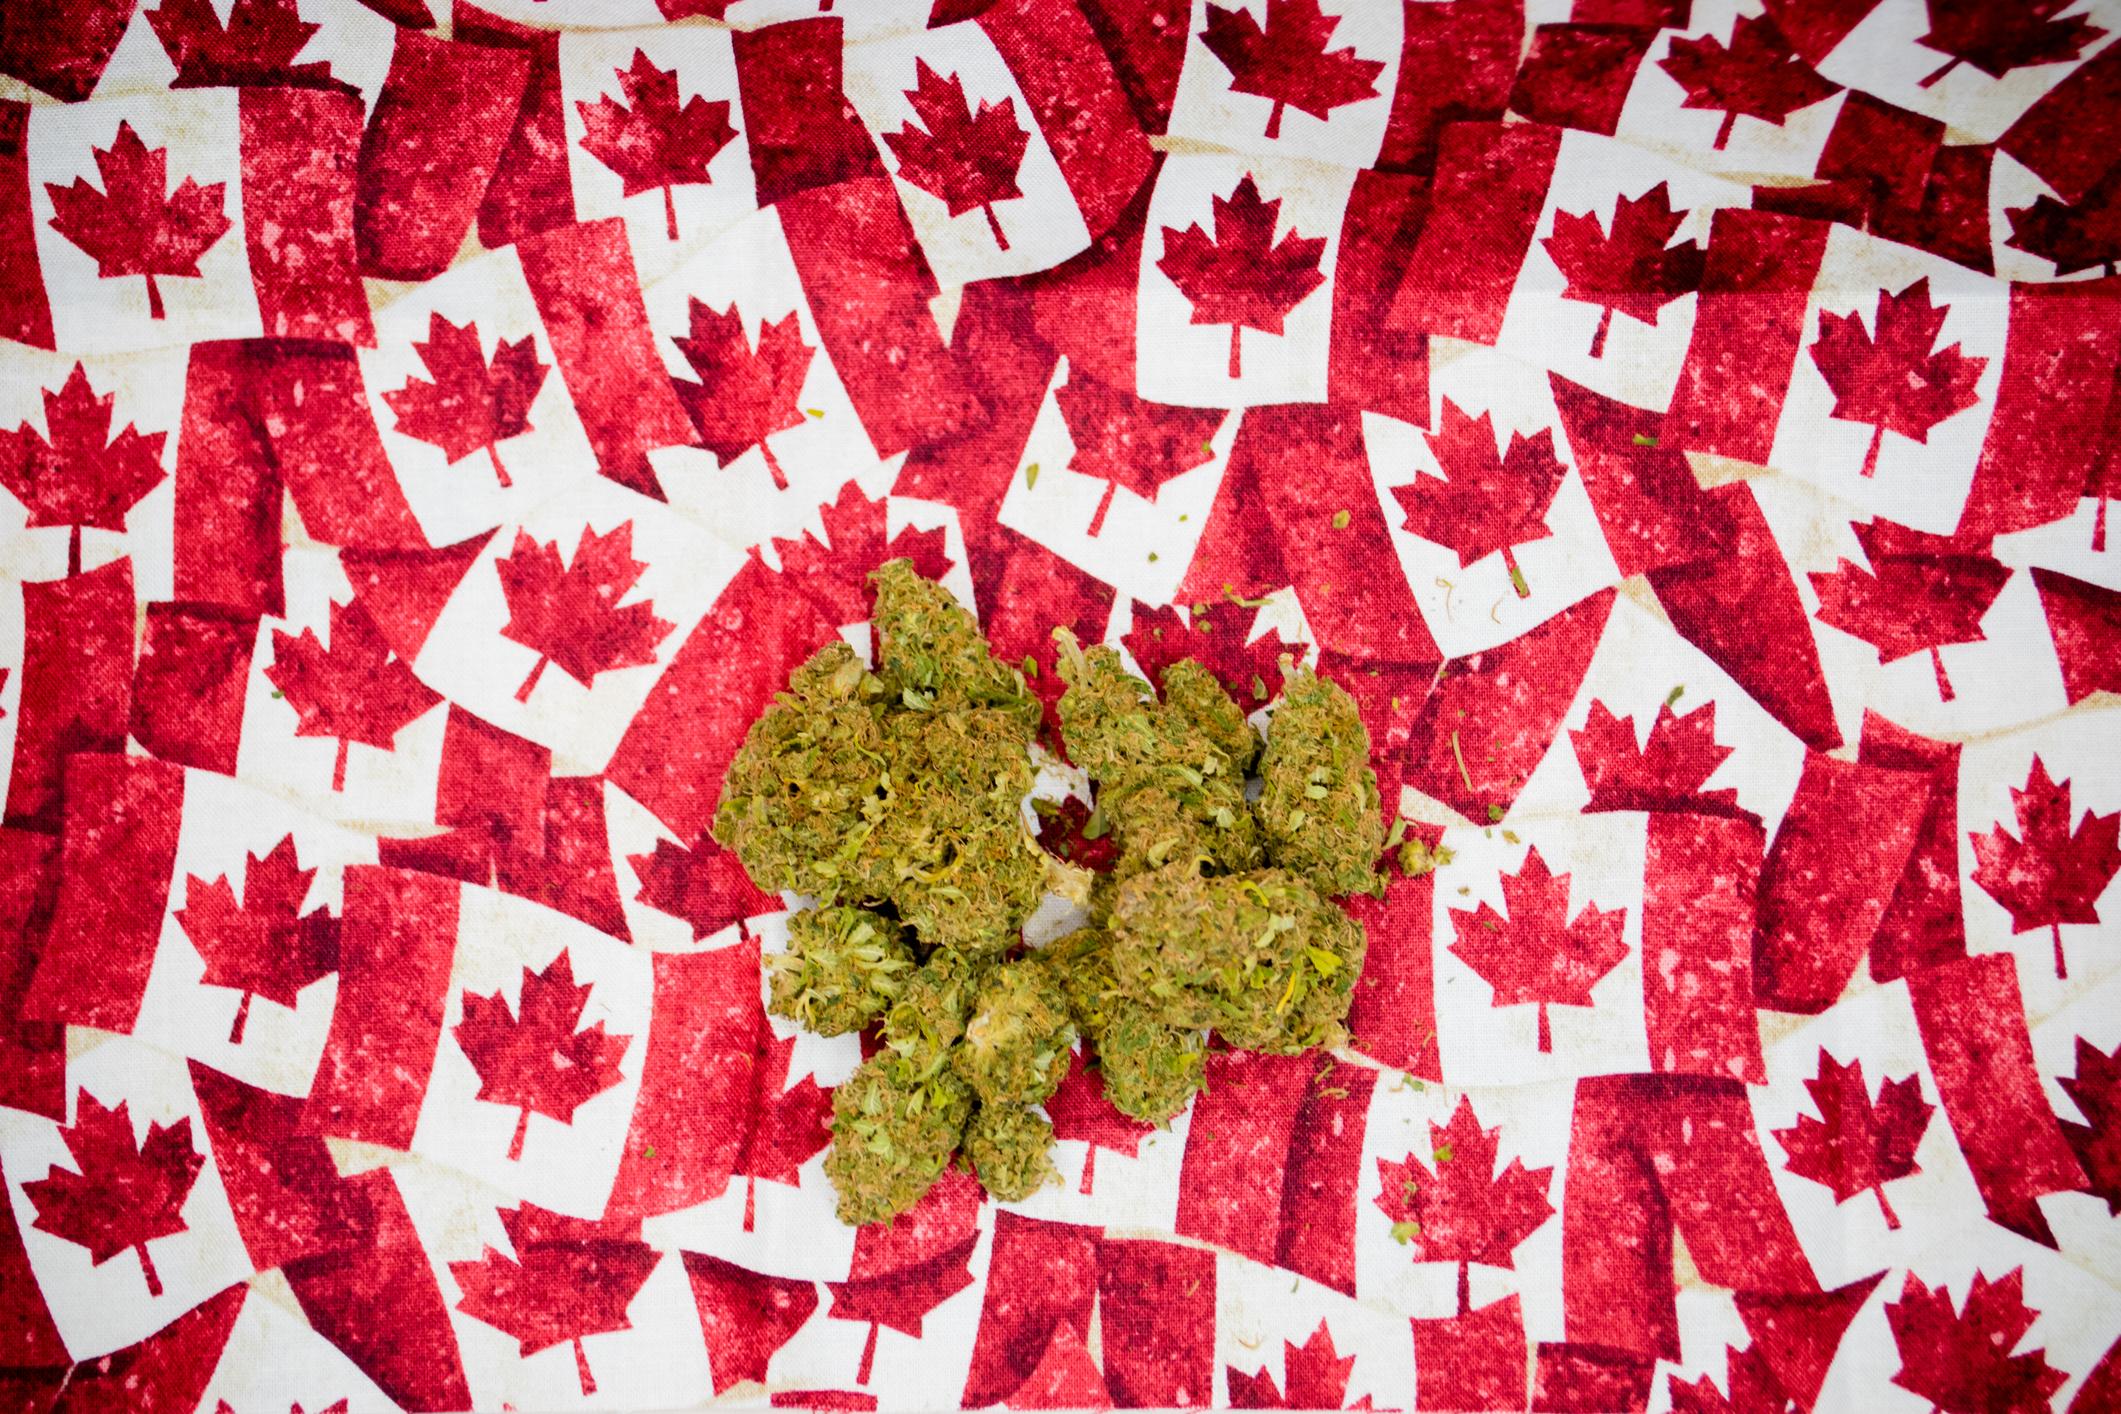 Marijuana lying on many small Canadian flags